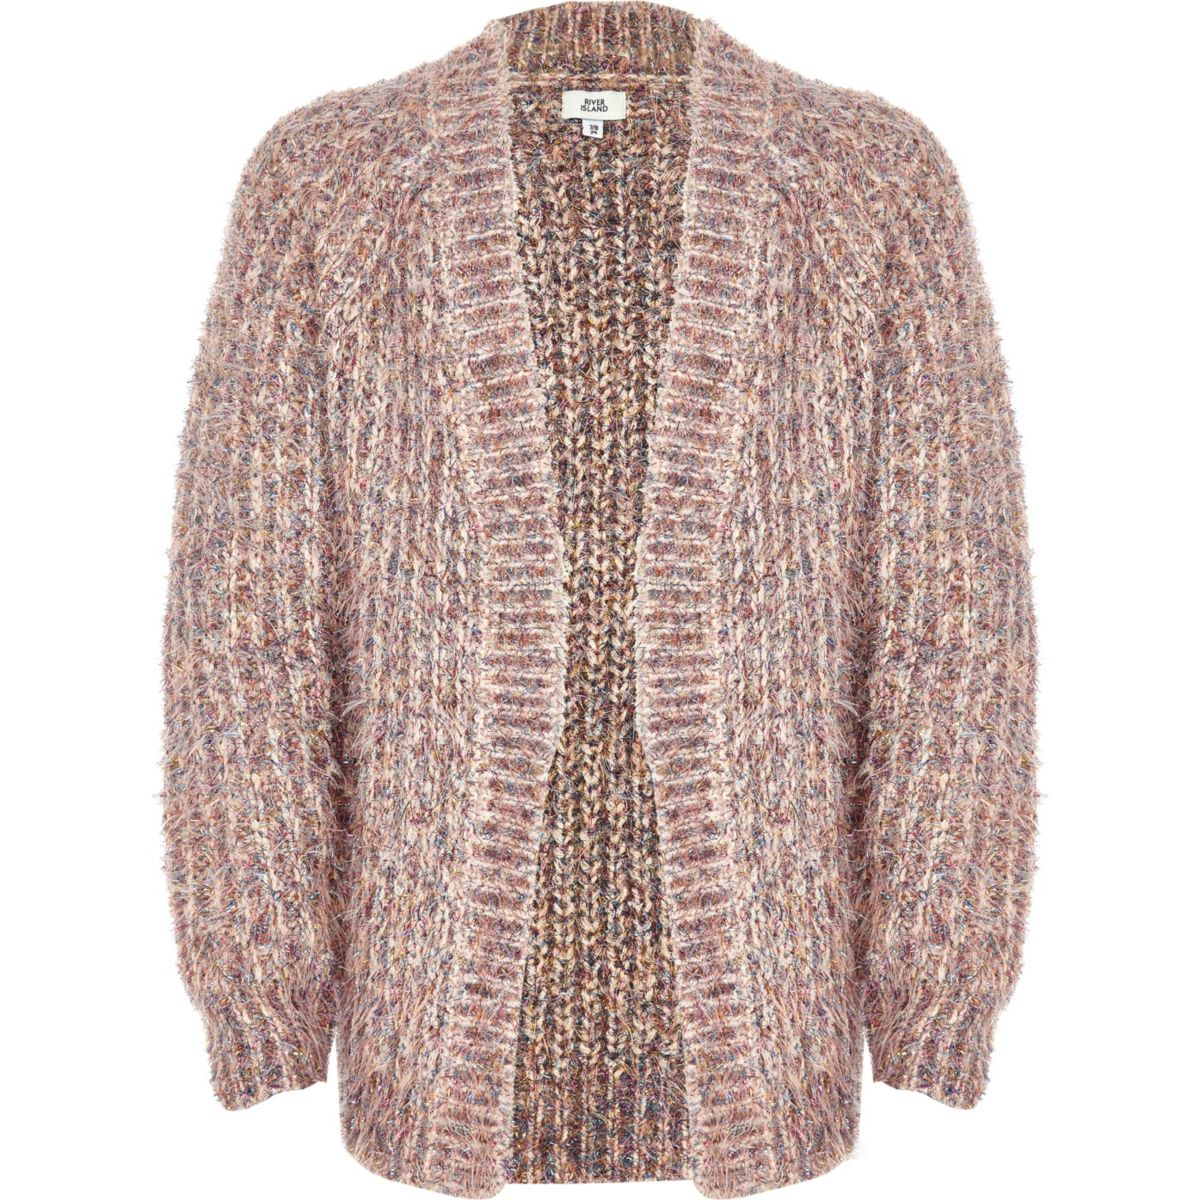 Girls pink knit tinsel cardigan